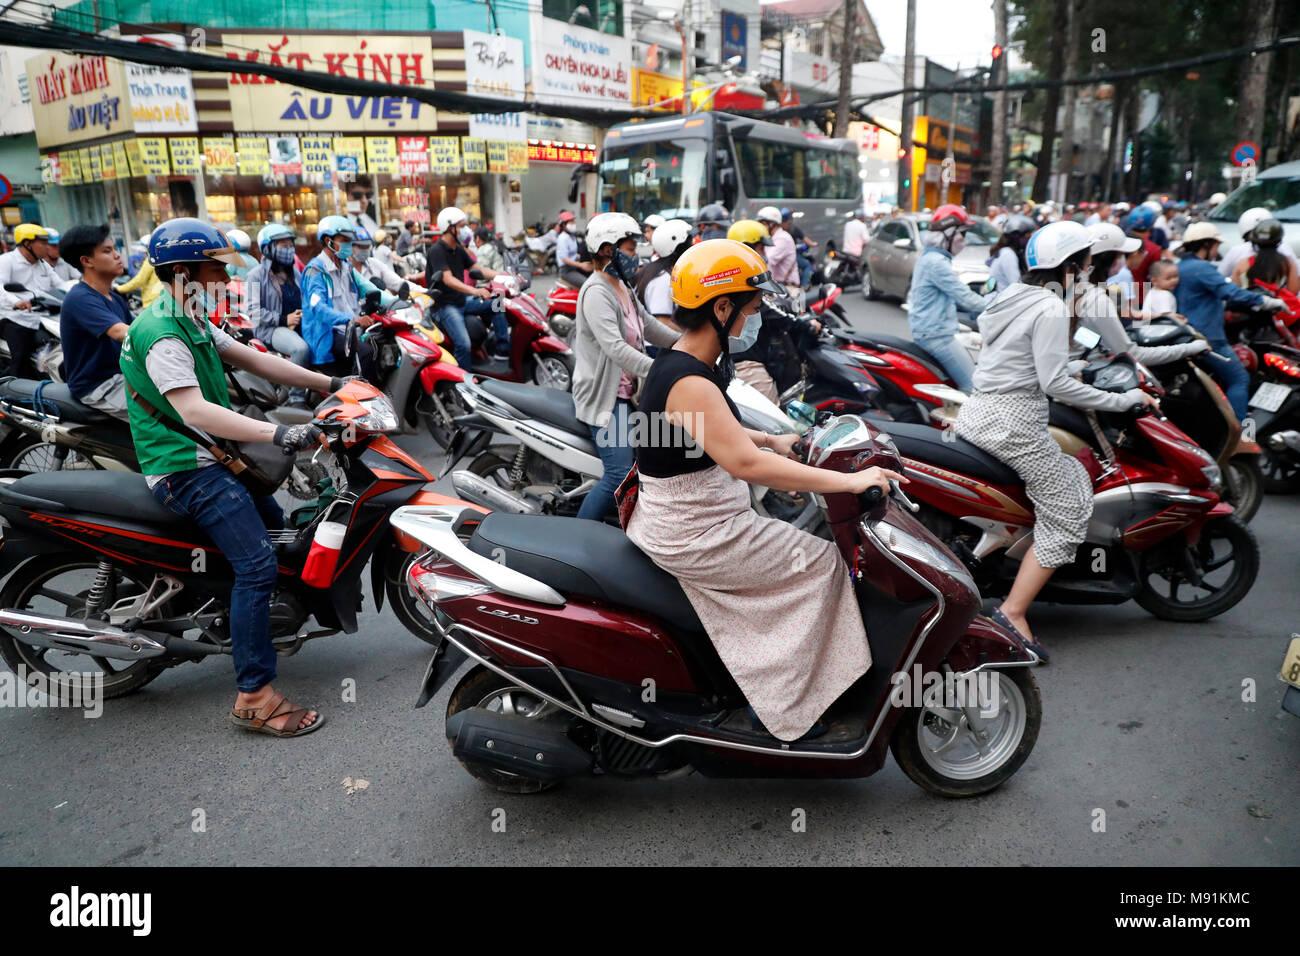 Le motociclette su strada caotica vita traffico. Ho Chi Minh City. Il Vietnam. Immagini Stock